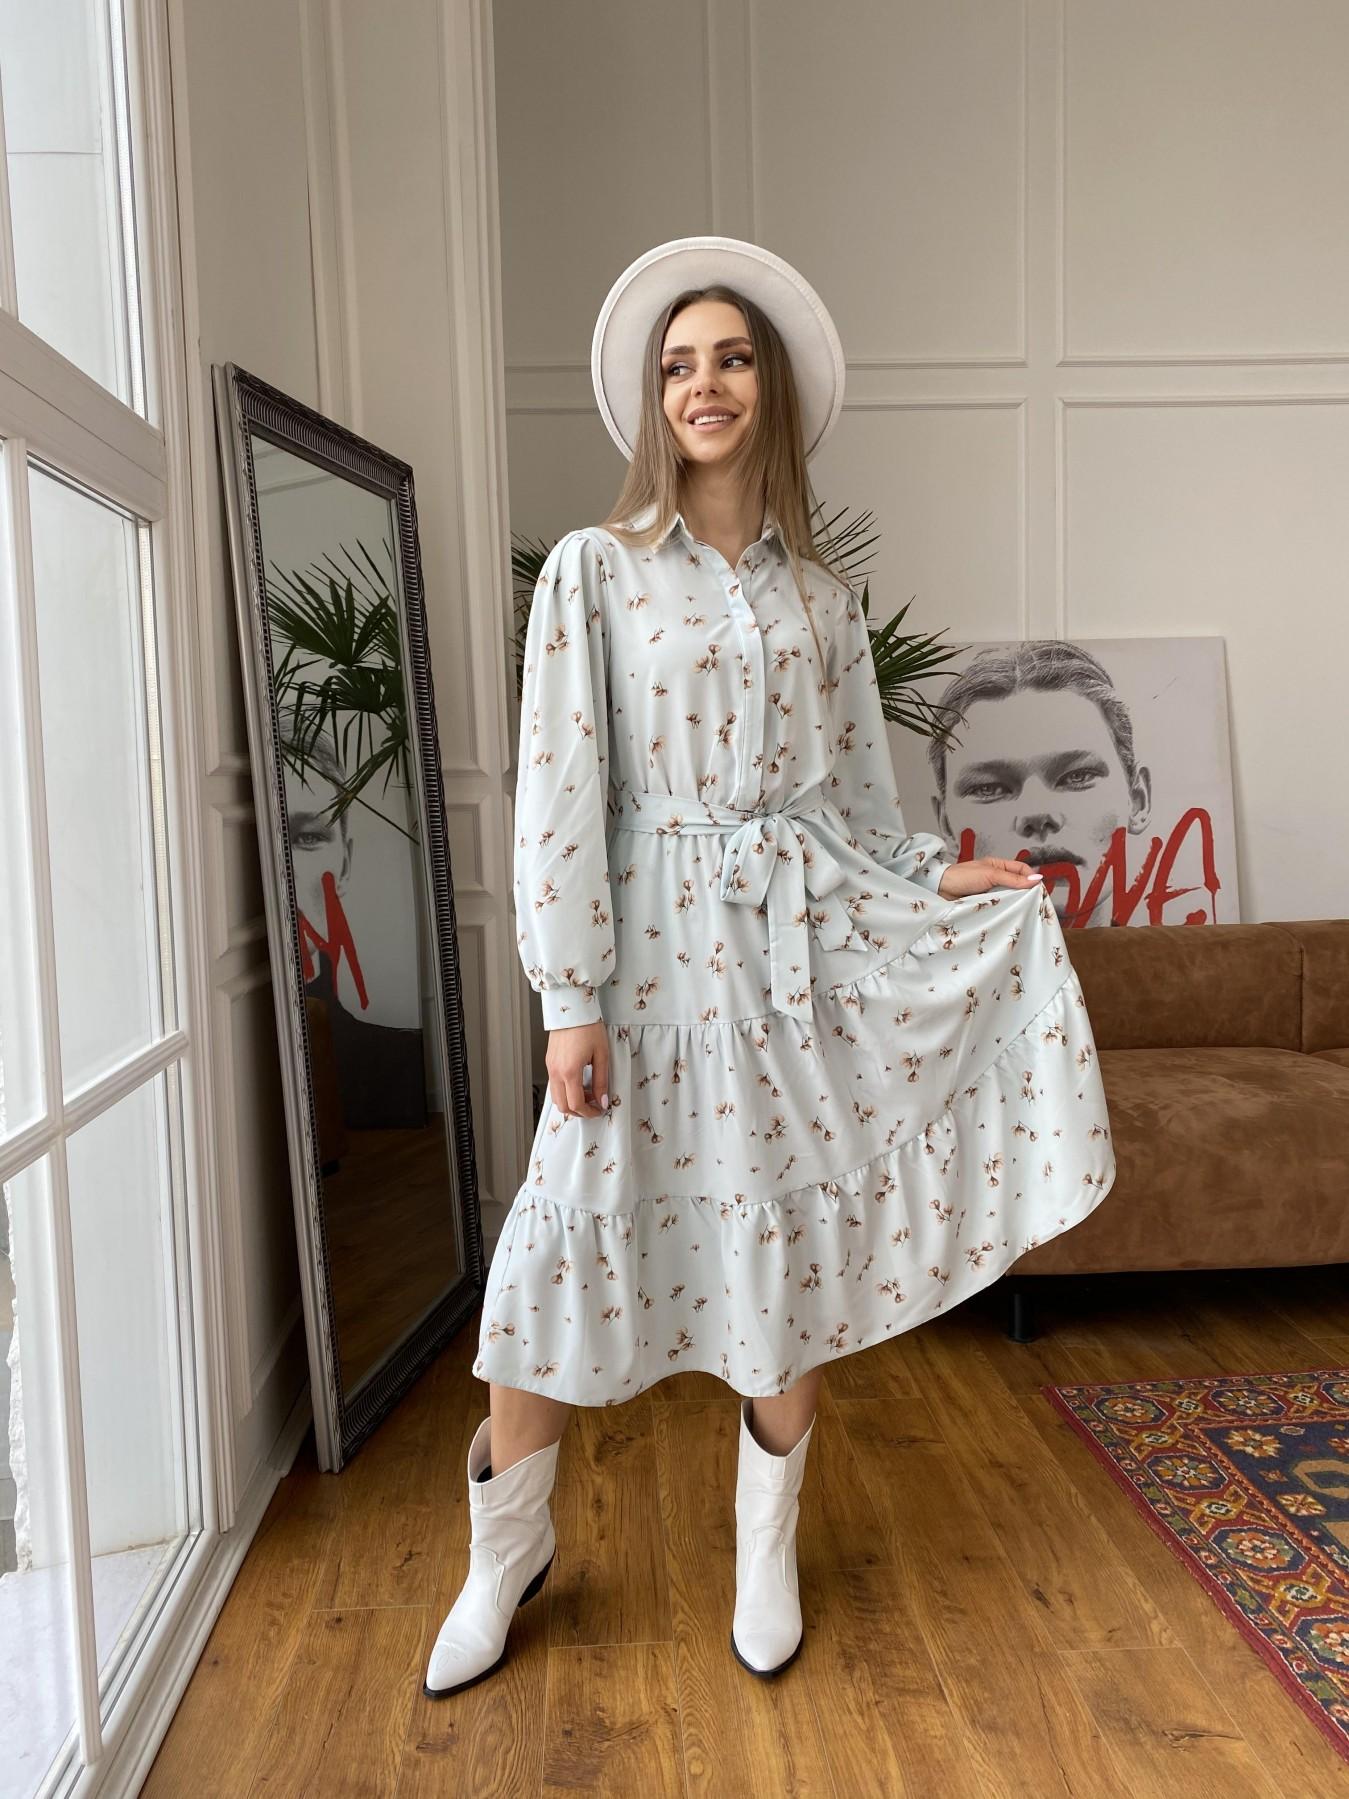 Лилия платье из софта с принтом 11108 АРТ. 47590 Цвет: МятаСв/БежЦветокМел - фото 1, интернет магазин tm-modus.ru